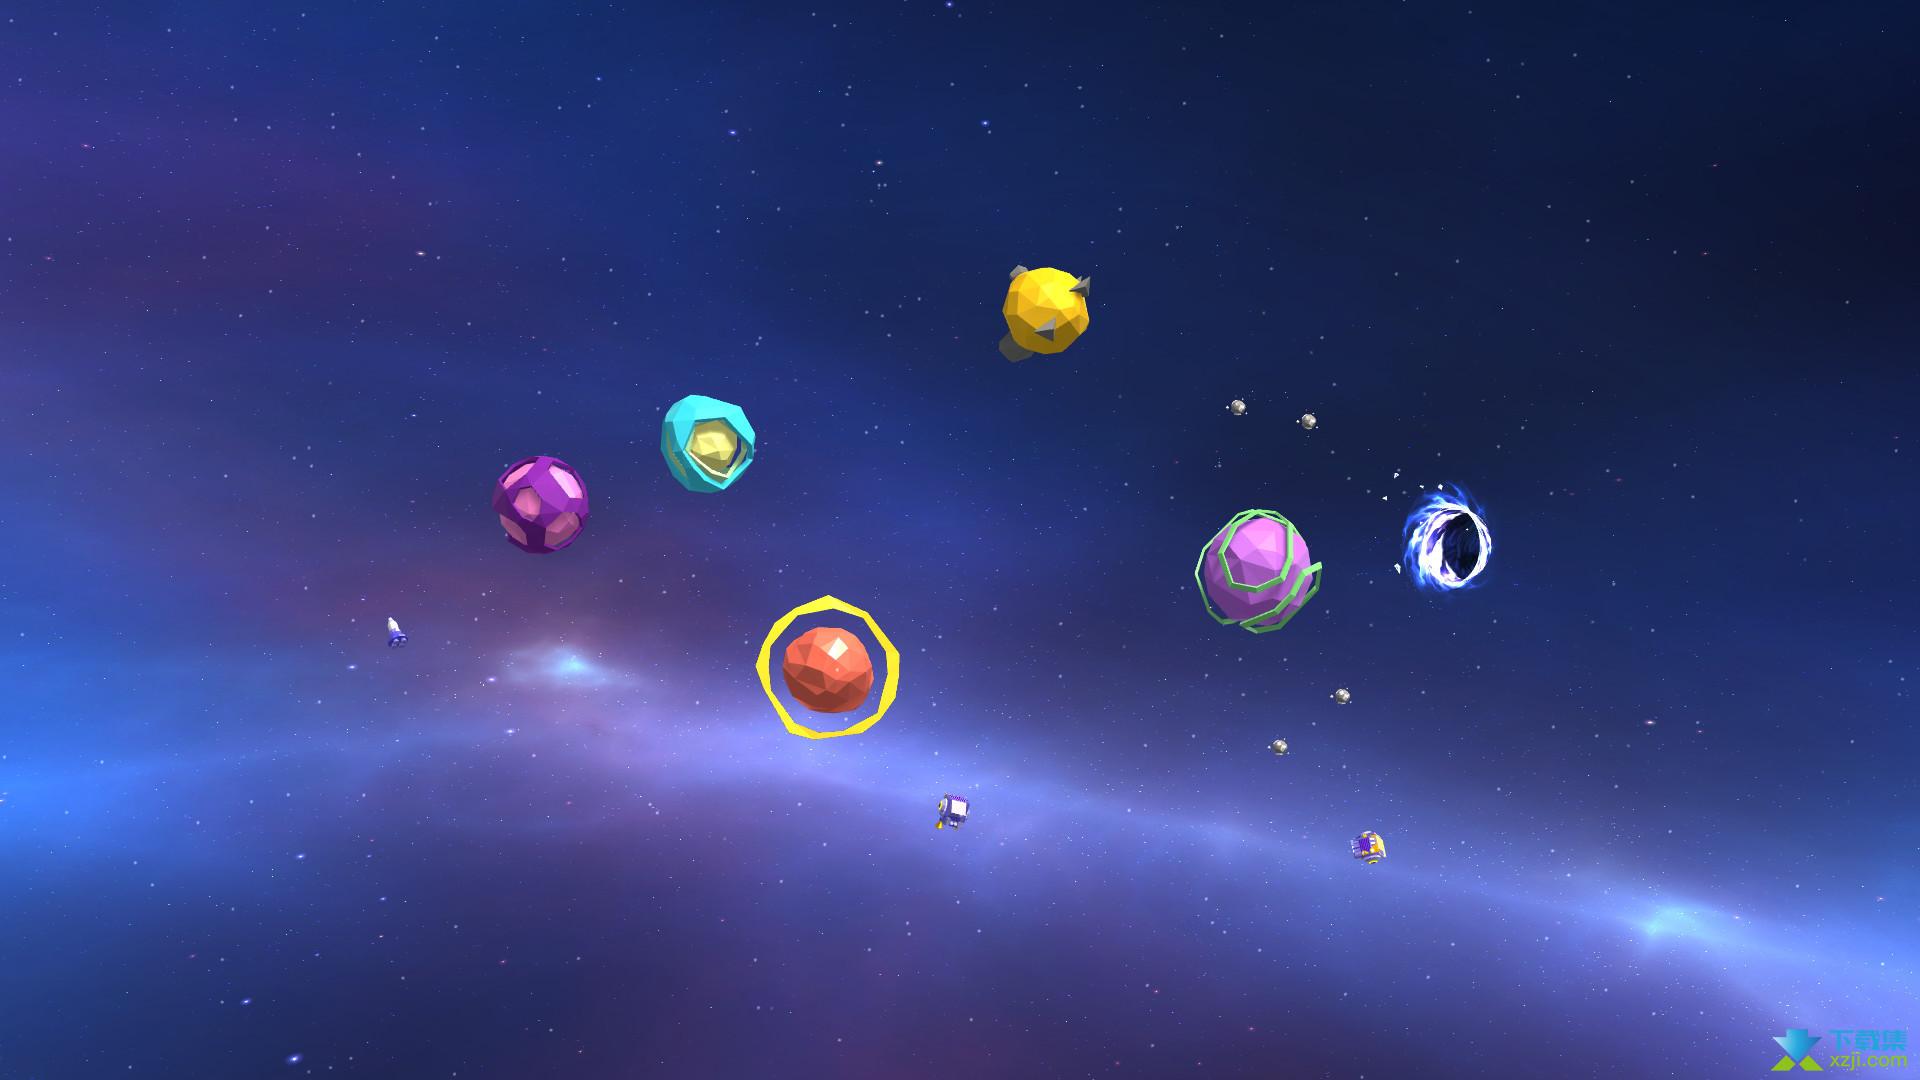 Astro-g界面2